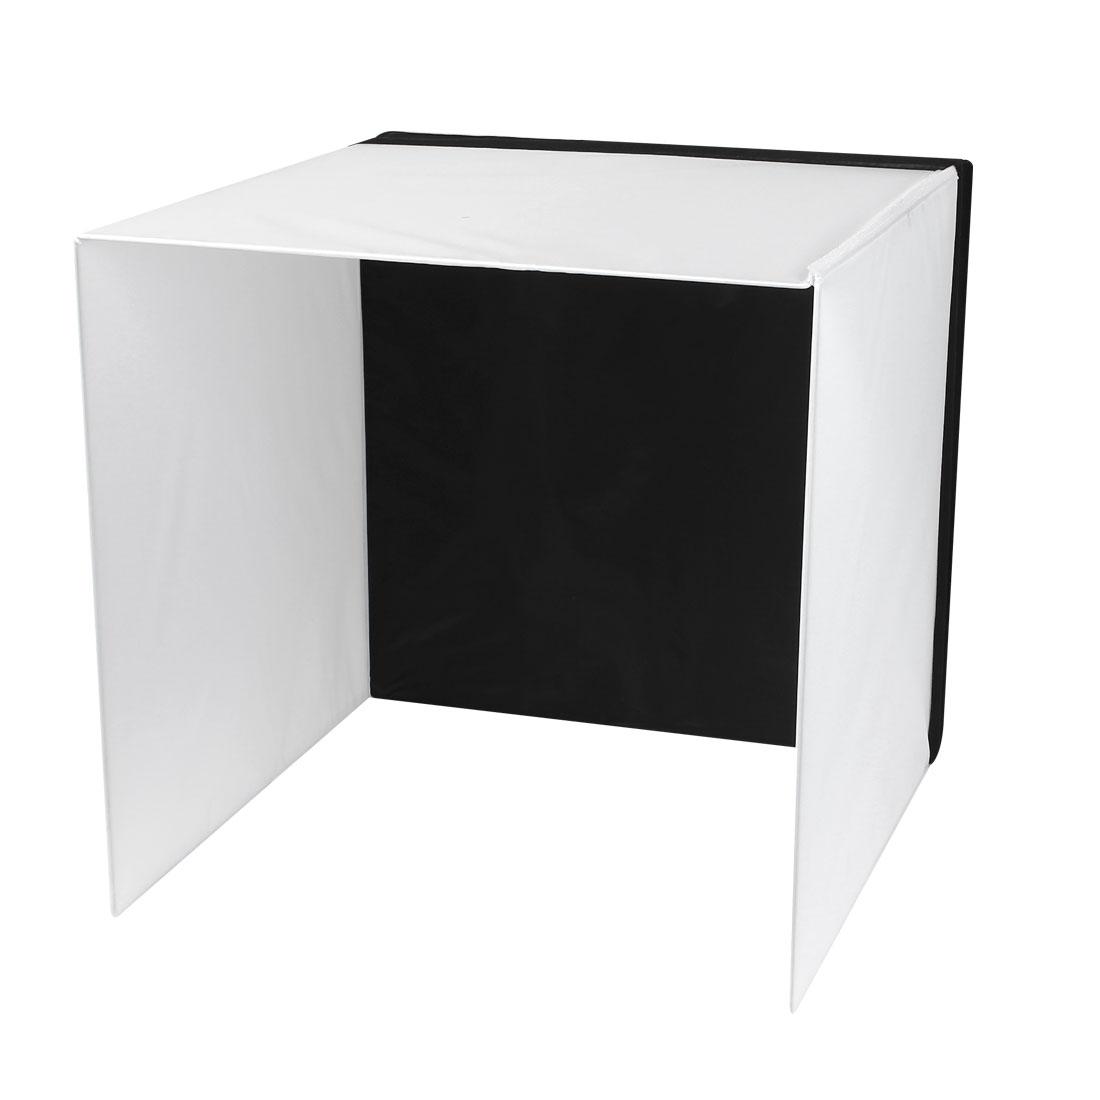 """Square White Flash Softbox Diffuser 20"""" x 20"""" for Digital SLR Camera"""